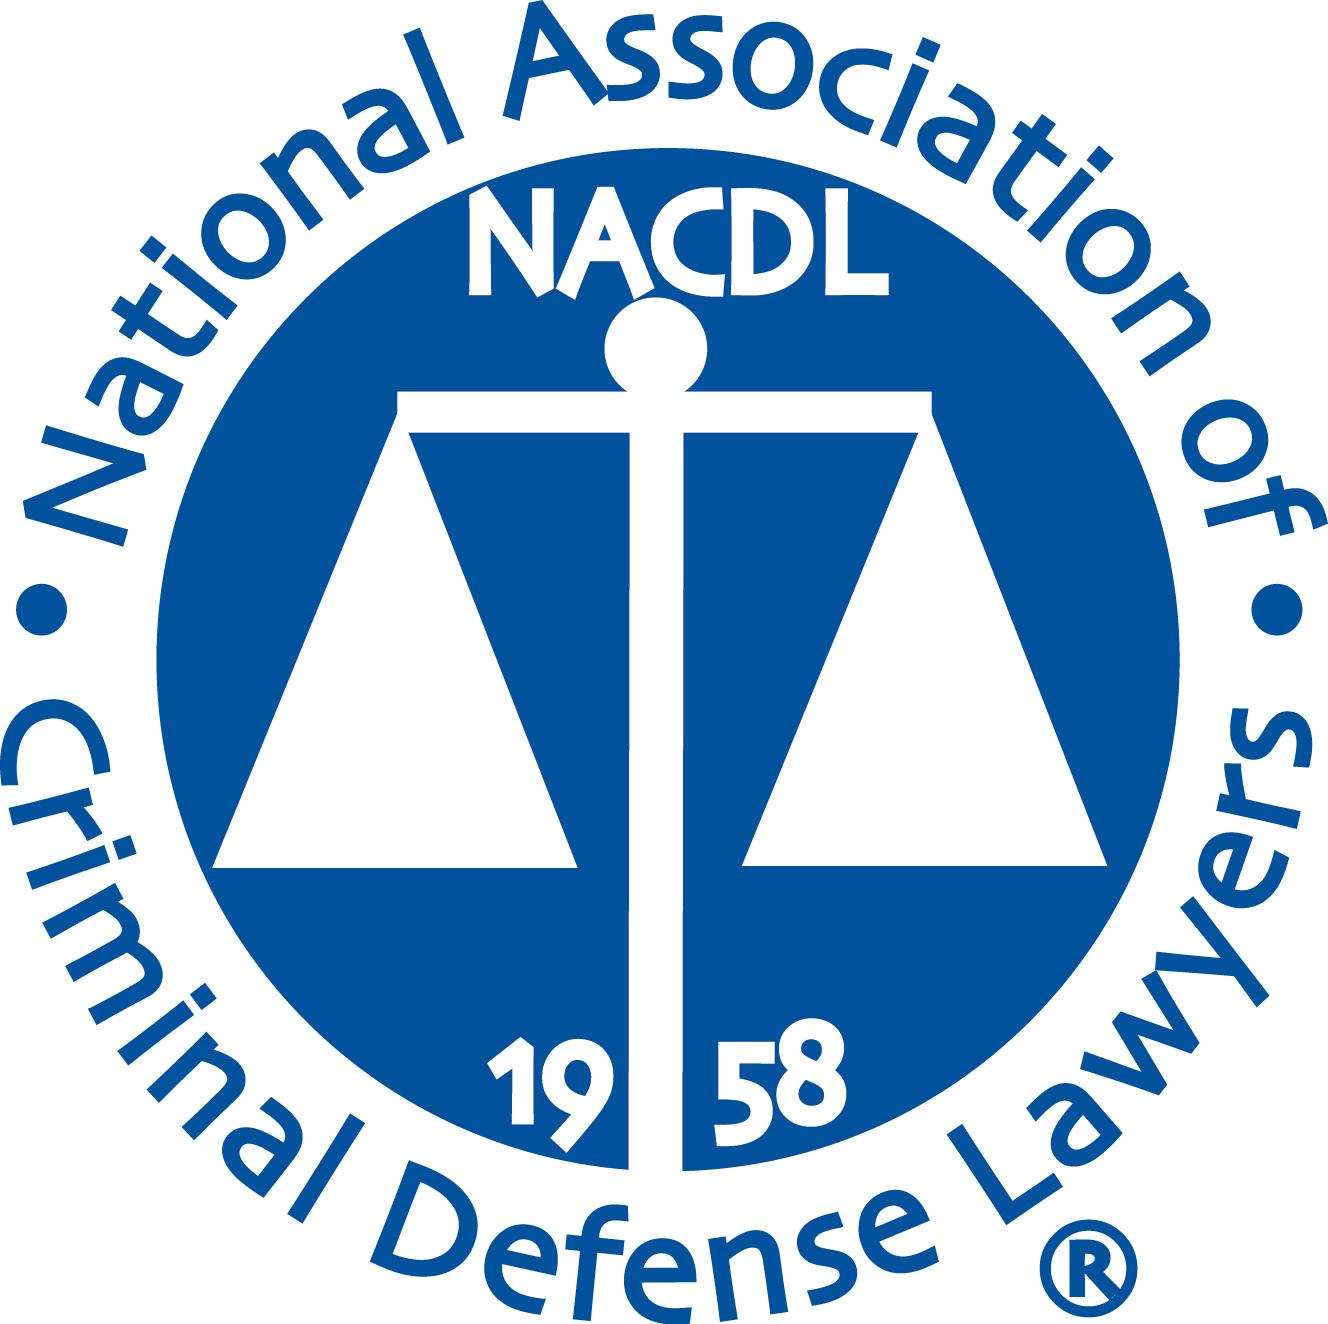 National Association of Criminal Defense Lawyers Badge